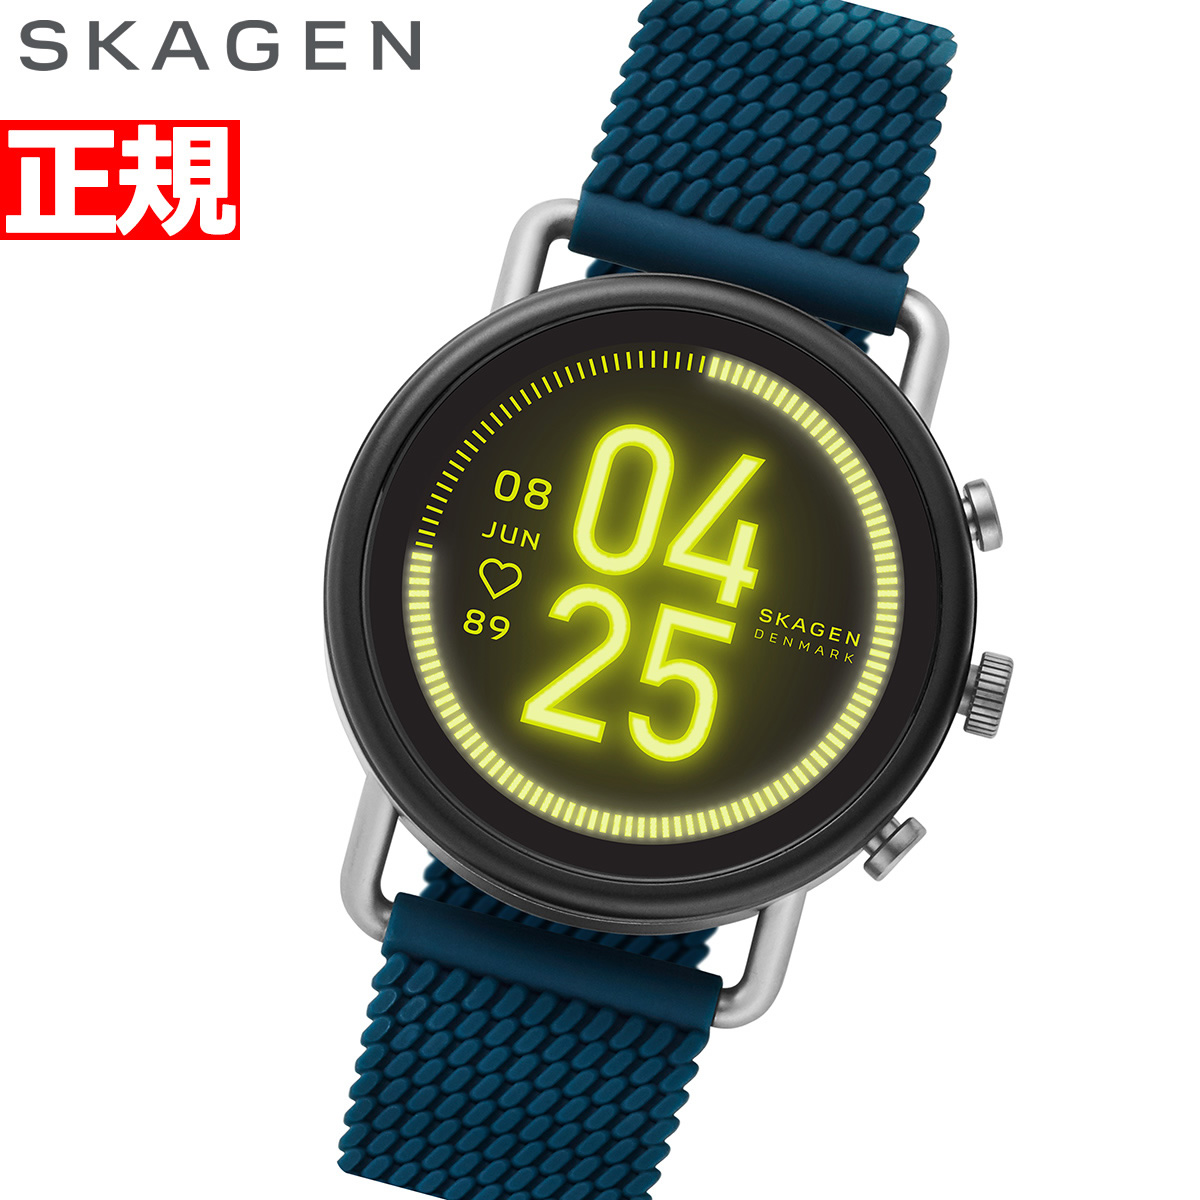 【5日0時~♪2000円OFFクーポン&店内ポイント最大51倍!5日23時59分まで】スカーゲン SKAGEN スマートウォッチ ウェアラブル 腕時計 メンズ レディース フォルスター3 FALSTER 3 SKT5203【2020 新作】